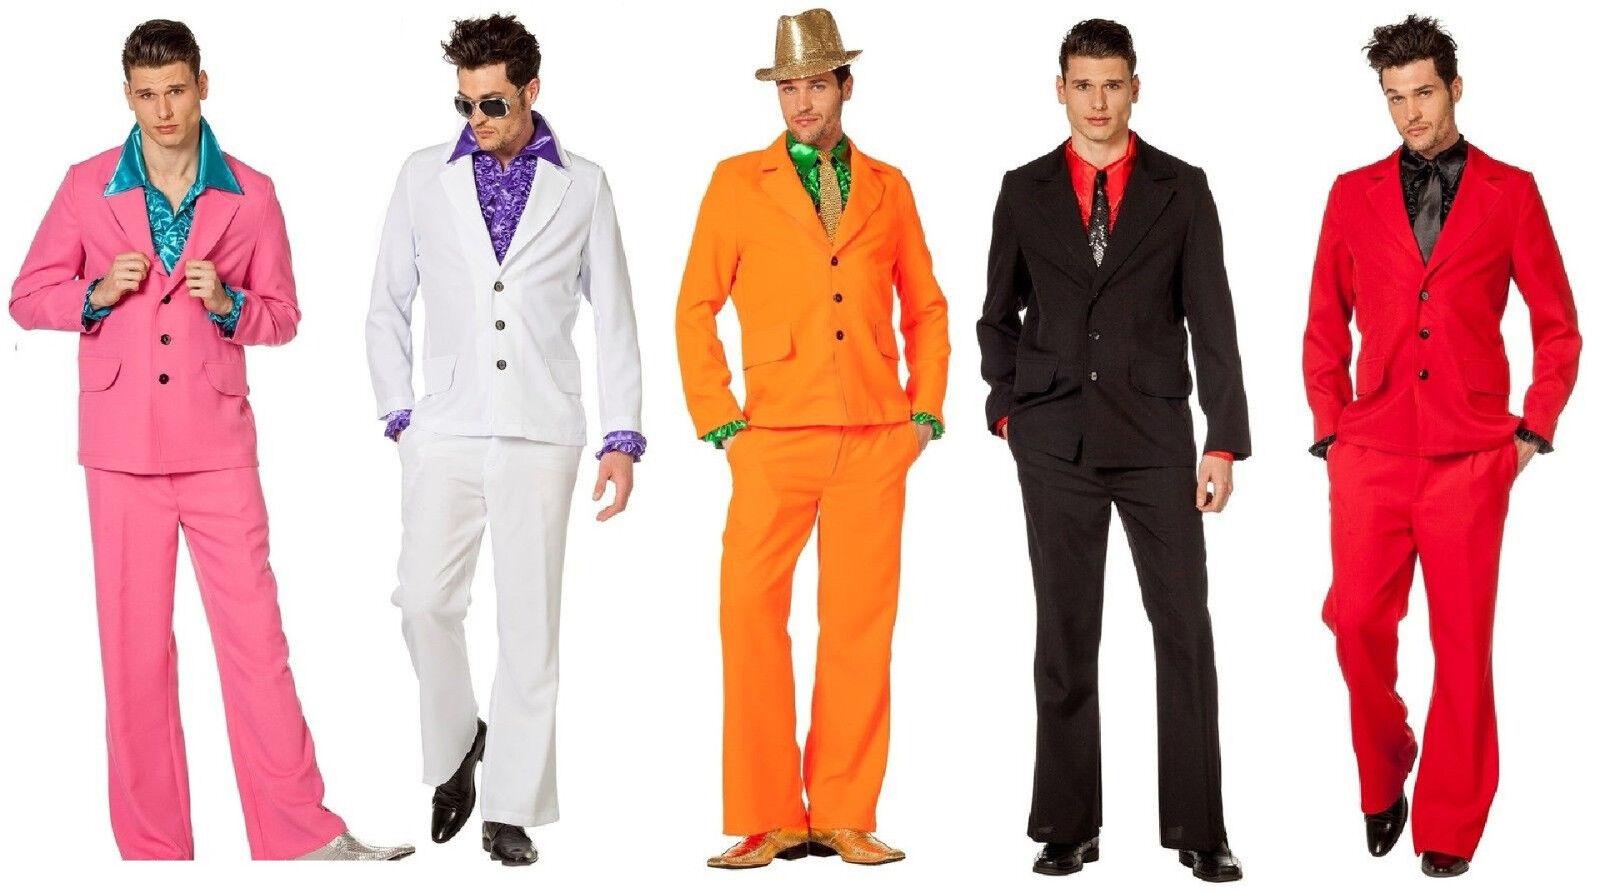 Disco Anzug Kostüm Herren 70er 80er Jahre Hippie Party Discoanzug Discokostüm | Verkauf Online-Shop  | Reichhaltiges Design  | Neuer Eintrag